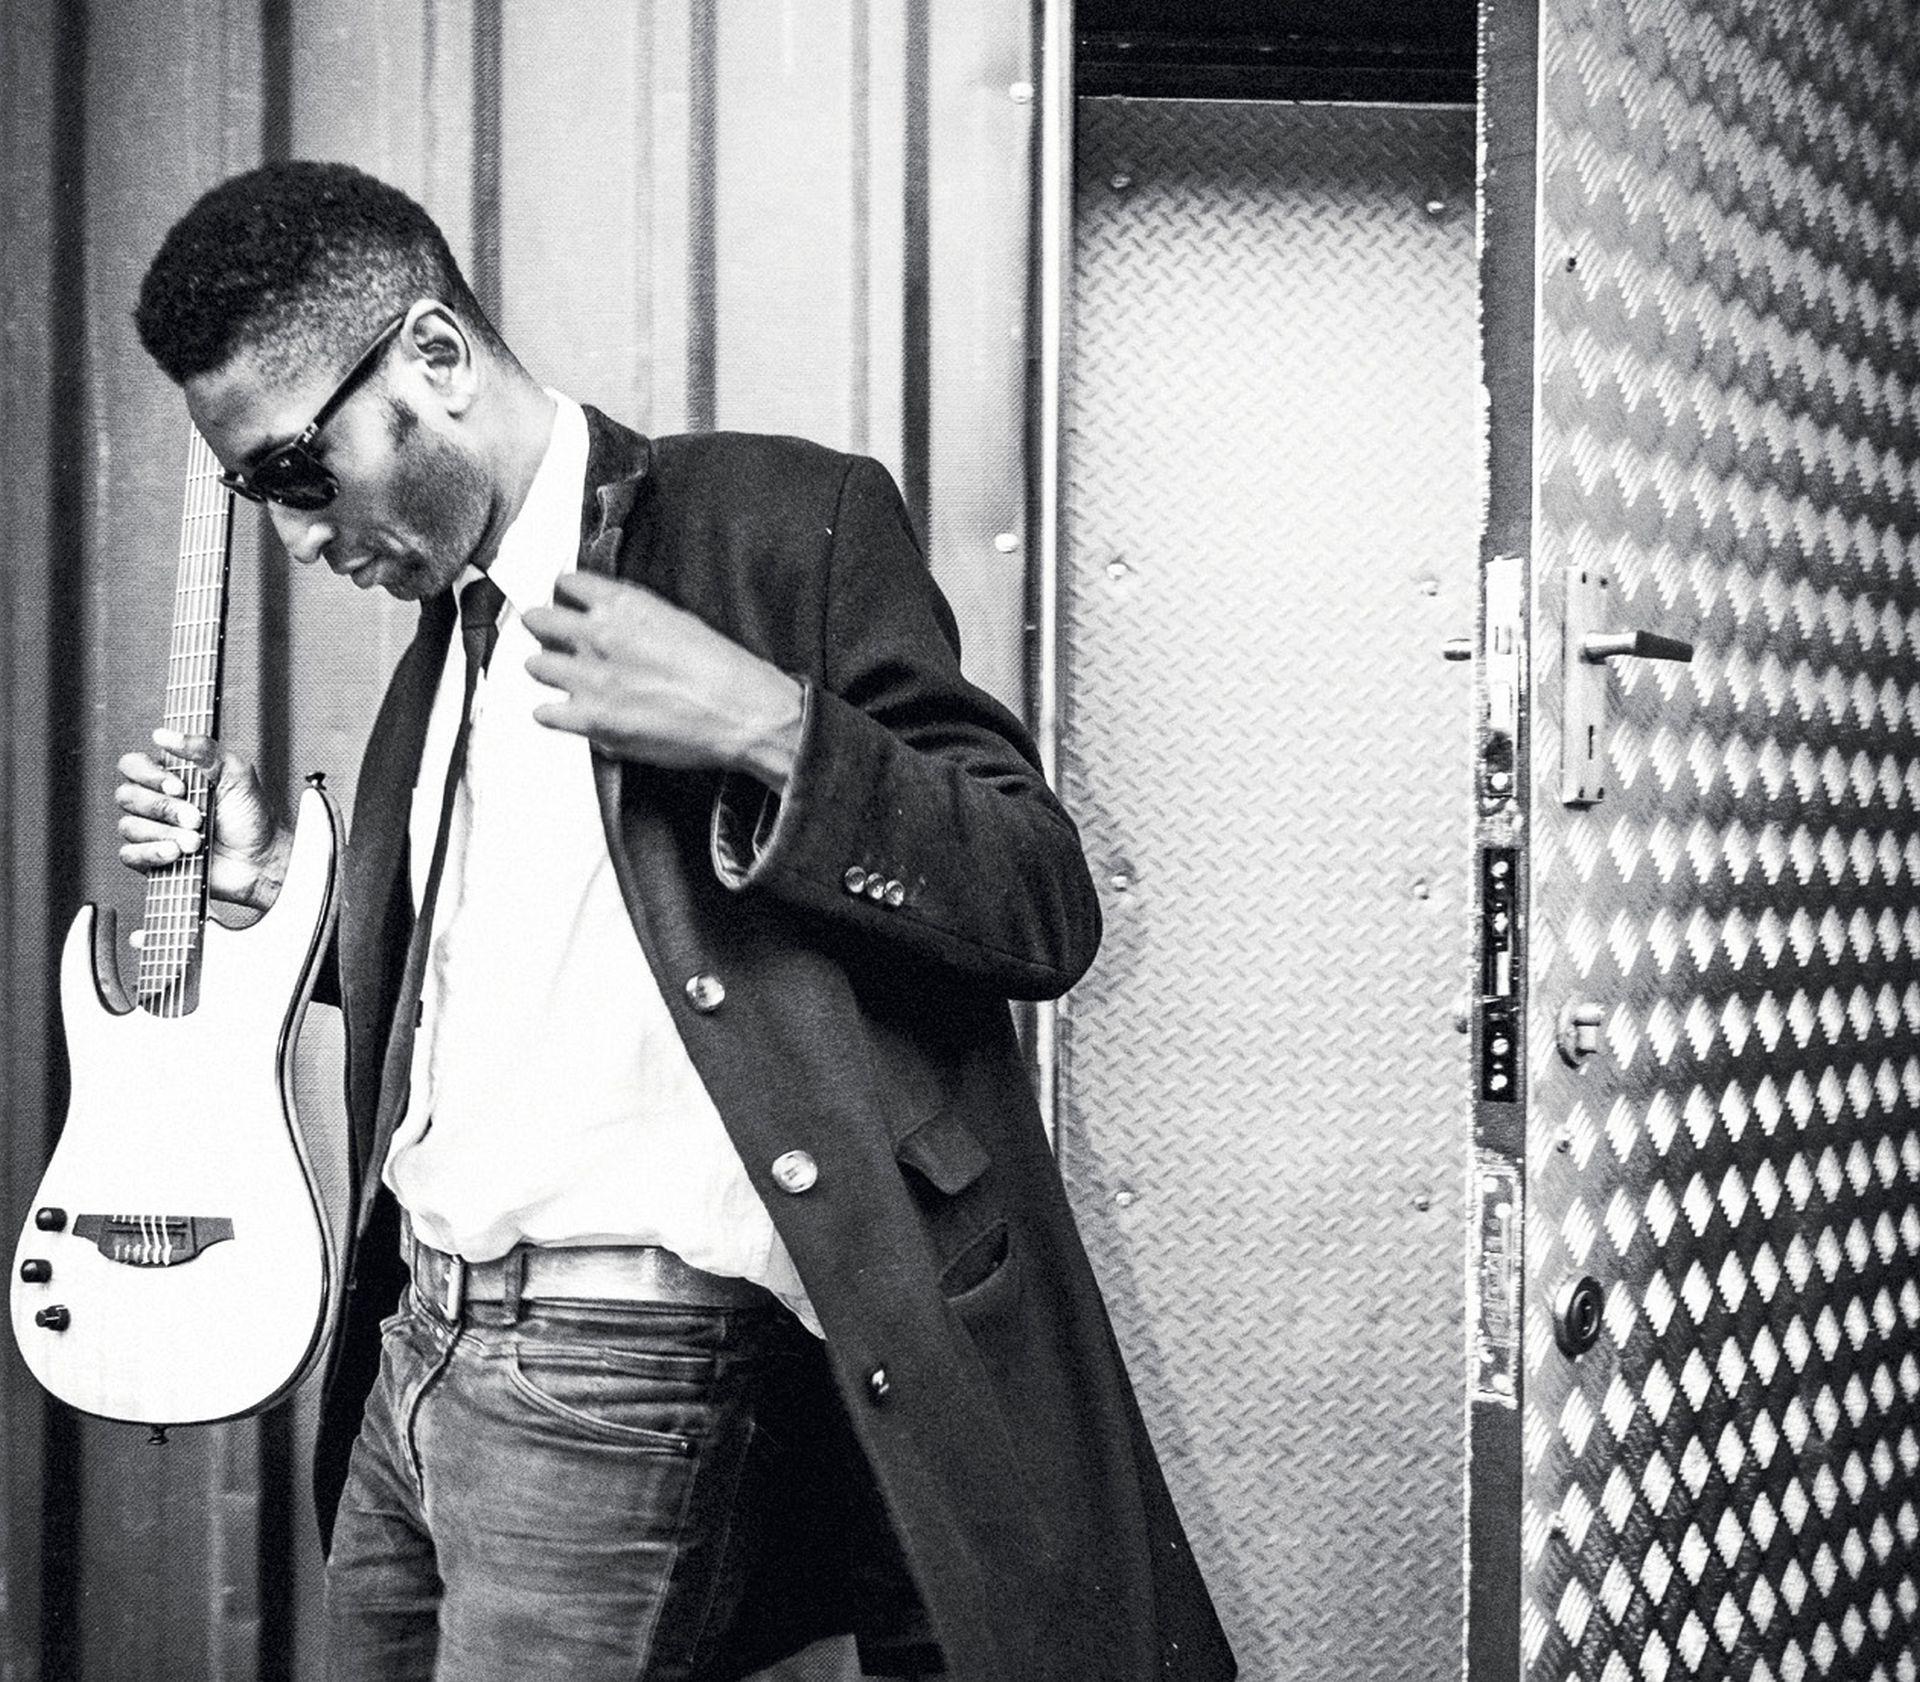 JONES 'U mojoj glazbi osjeti se veliki utjecaj mog naroda Joruba'